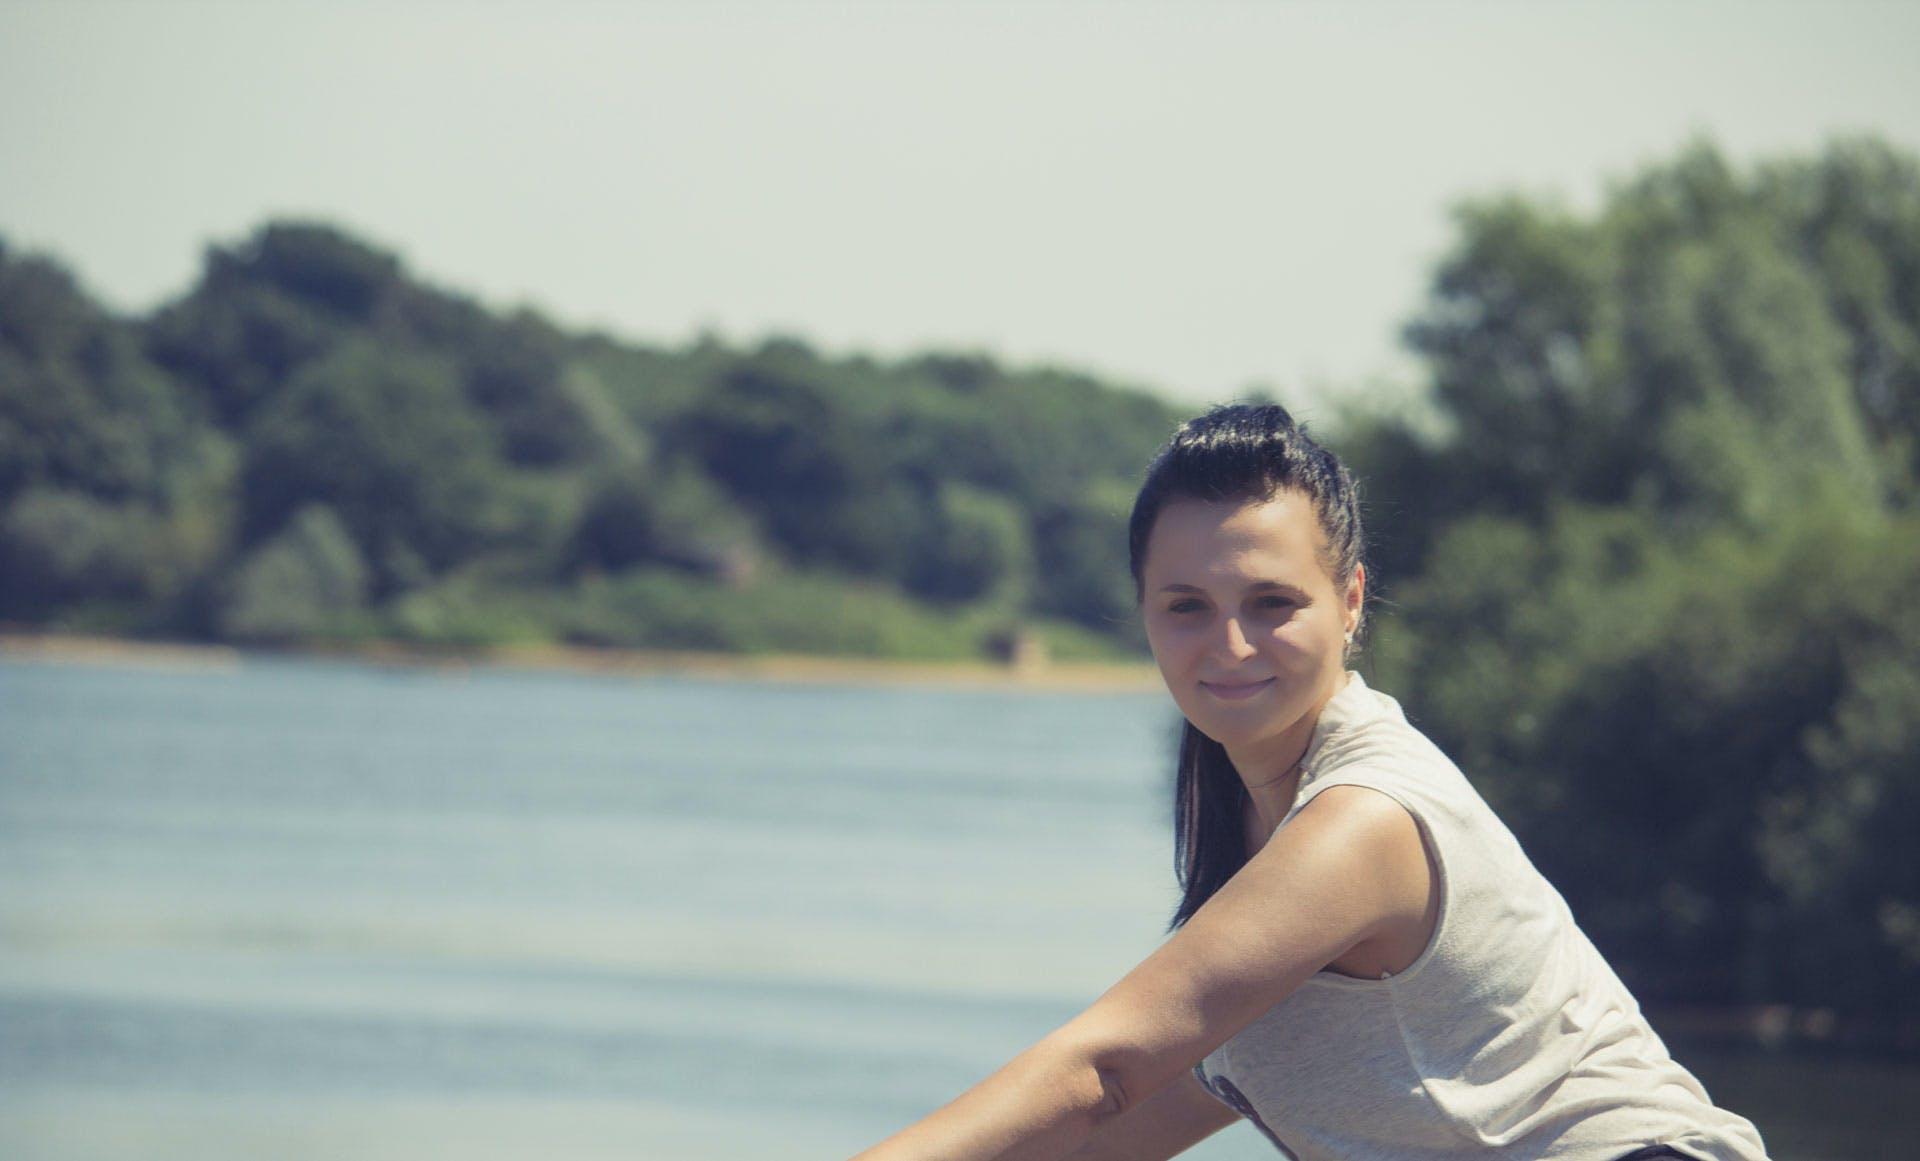 Smiling Woman Wearing White Sleeveless Shirt